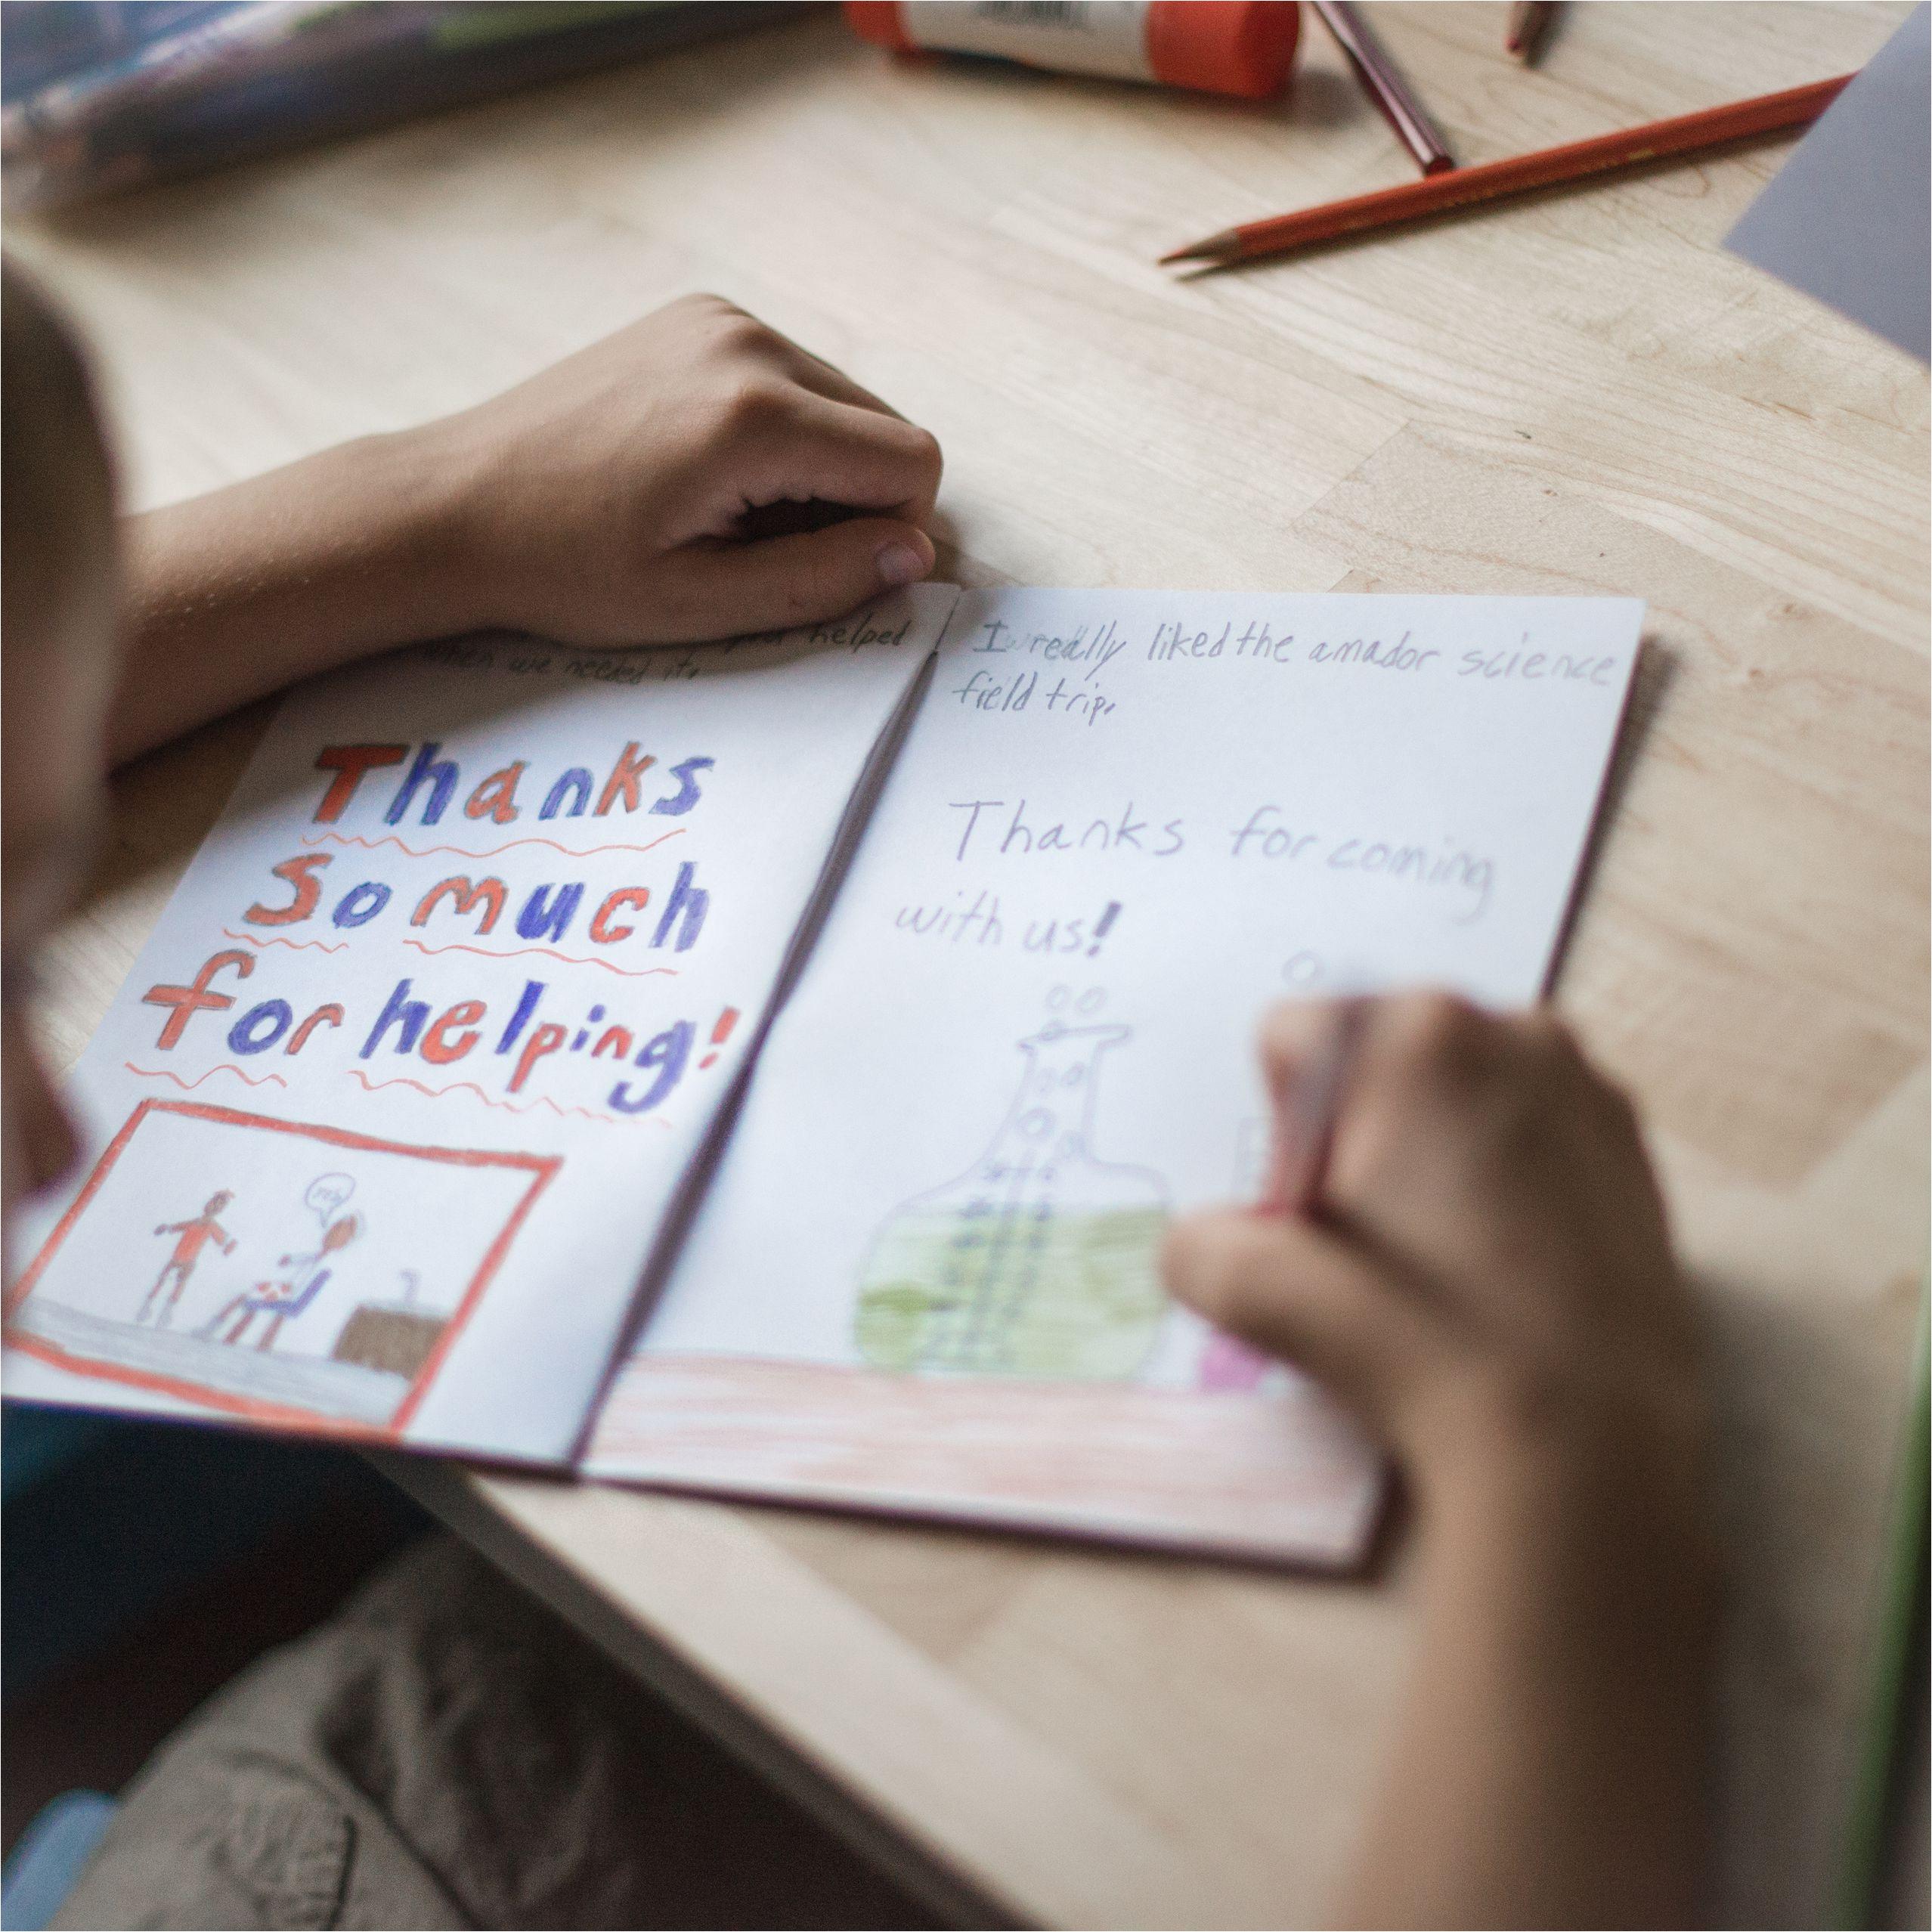 boy making thank you card for teacher 510733815 5ac8de0b3128340037de1270 jpg